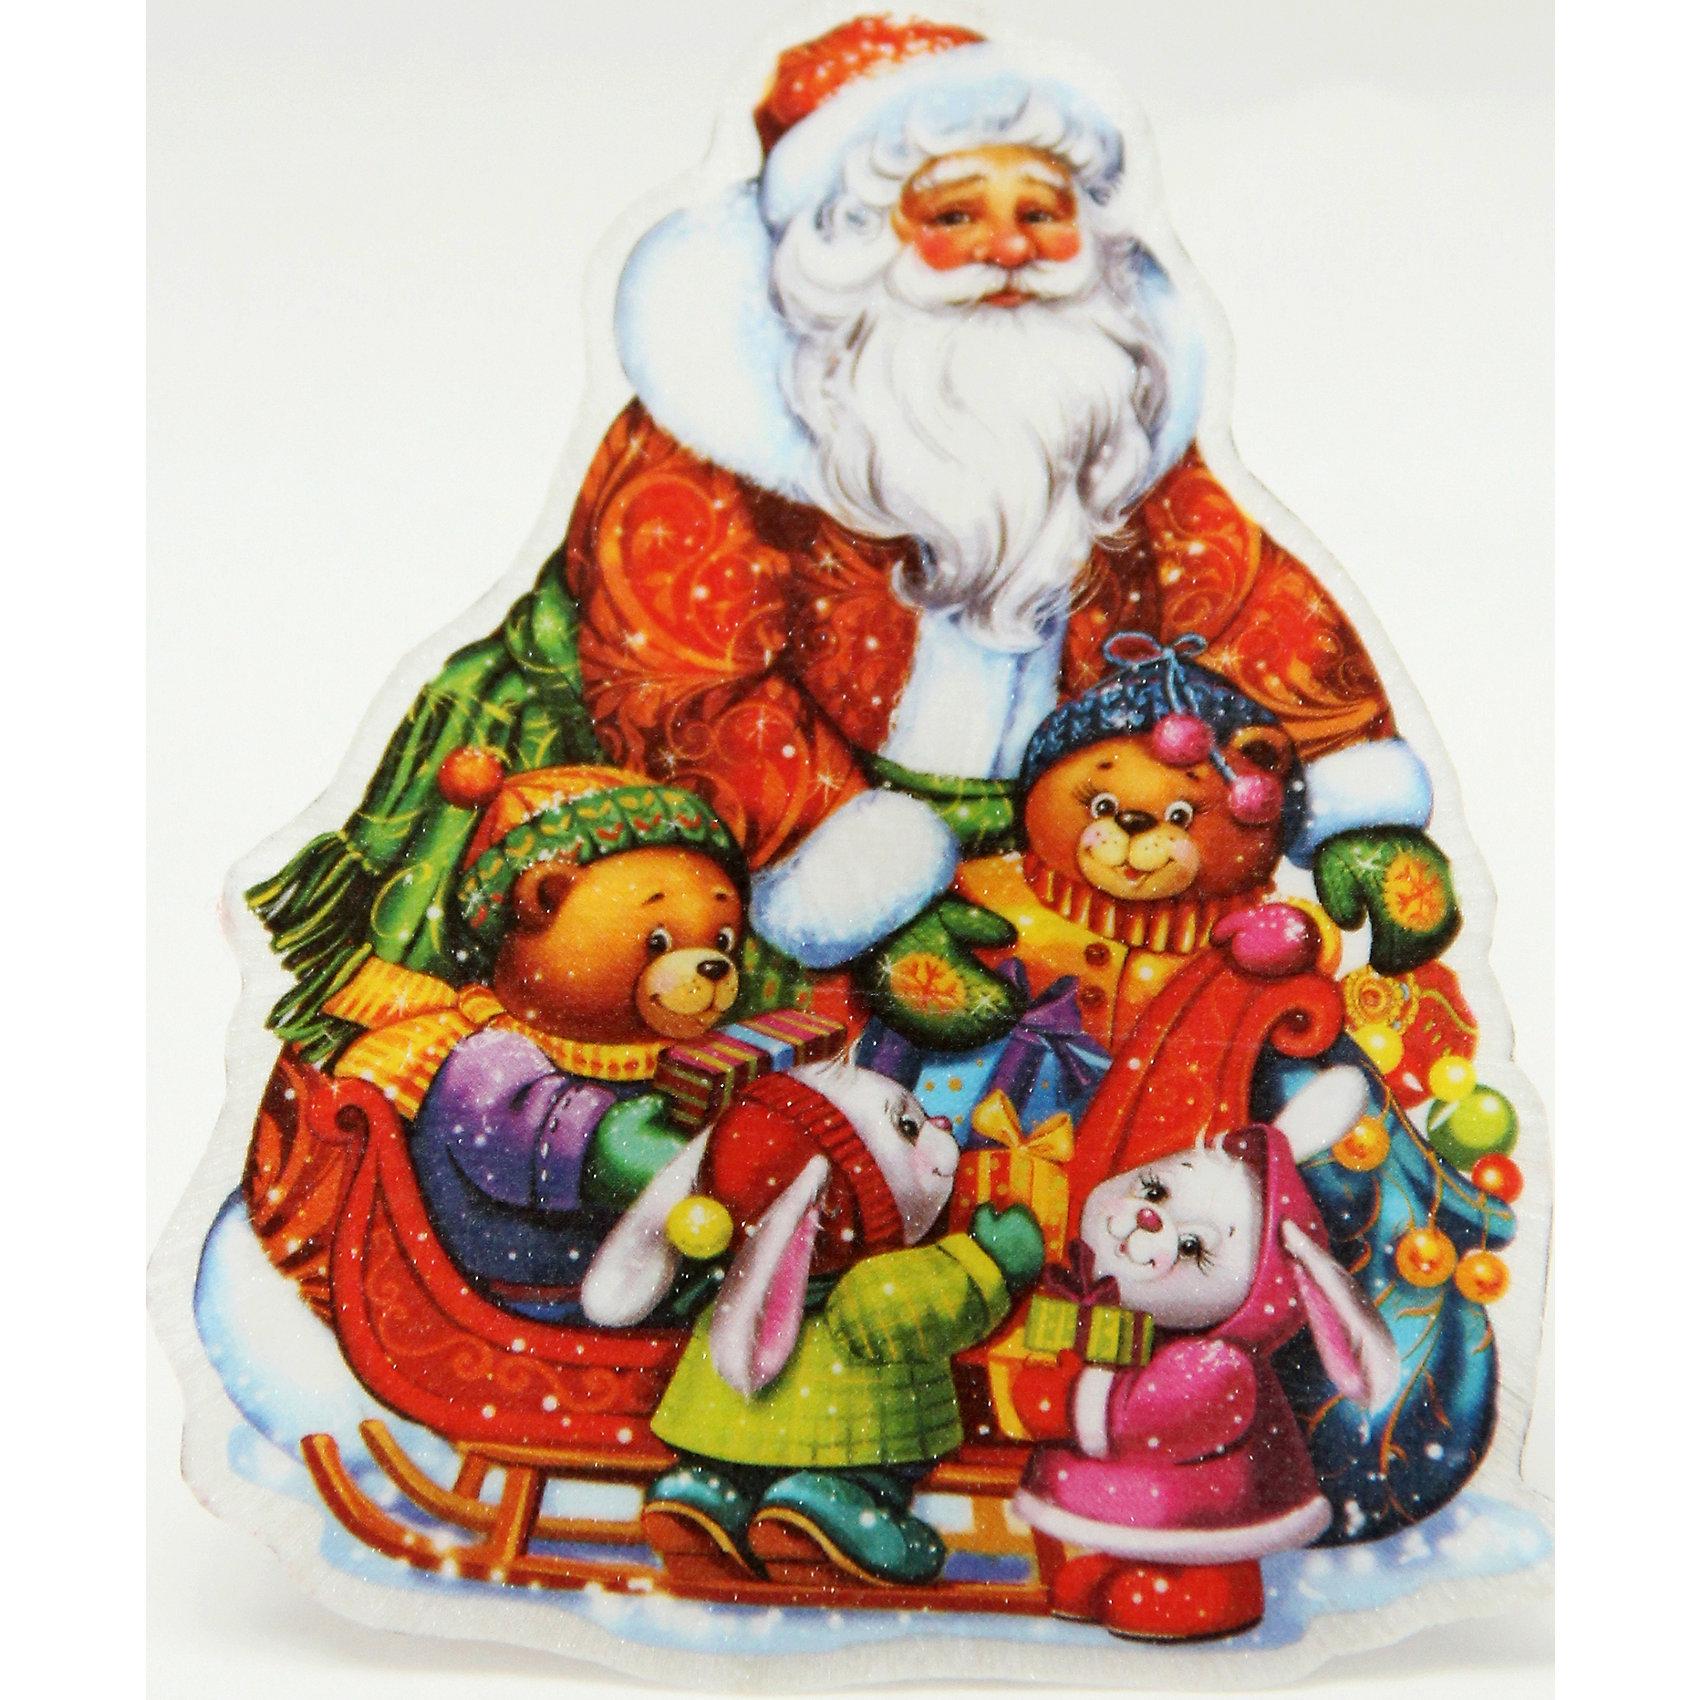 Украшение Новогоднее настроение со светодиодной подсветкойВсё для праздника<br>Приближение Нового года не может не радовать! Особое время - сам праздник и предновогодние хлопоты - ждут не только дети, но и взрослые! Праздничное настроение создает в первую очередь украшенный дом и наряженная ёлка. <br>Эта фигурка идет в комплекте с элементом питания, который помогает создавать для неё праздничную подсветку. Изделие произведено из безопасного для детей, прочного, но легкого, материала. Создайте с ним праздничное настроение себе и близким!<br><br>Дополнительная информация:<br><br>цвет: разноцветный;<br>материал: ПВХ;<br>элемент питания: CR2032;<br>мощность 0,06 Вт, напряжение 3 В;<br>размер: 11 x 10 x 3 см.<br><br>Украшение Новогоднее настроение со светодиодной подсветкой можно купить в нашем магазине.<br><br>Ширина мм: 100<br>Глубина мм: 100<br>Высота мм: 60<br>Вес г: 28<br>Возраст от месяцев: 36<br>Возраст до месяцев: 2147483647<br>Пол: Унисекс<br>Возраст: Детский<br>SKU: 4981631